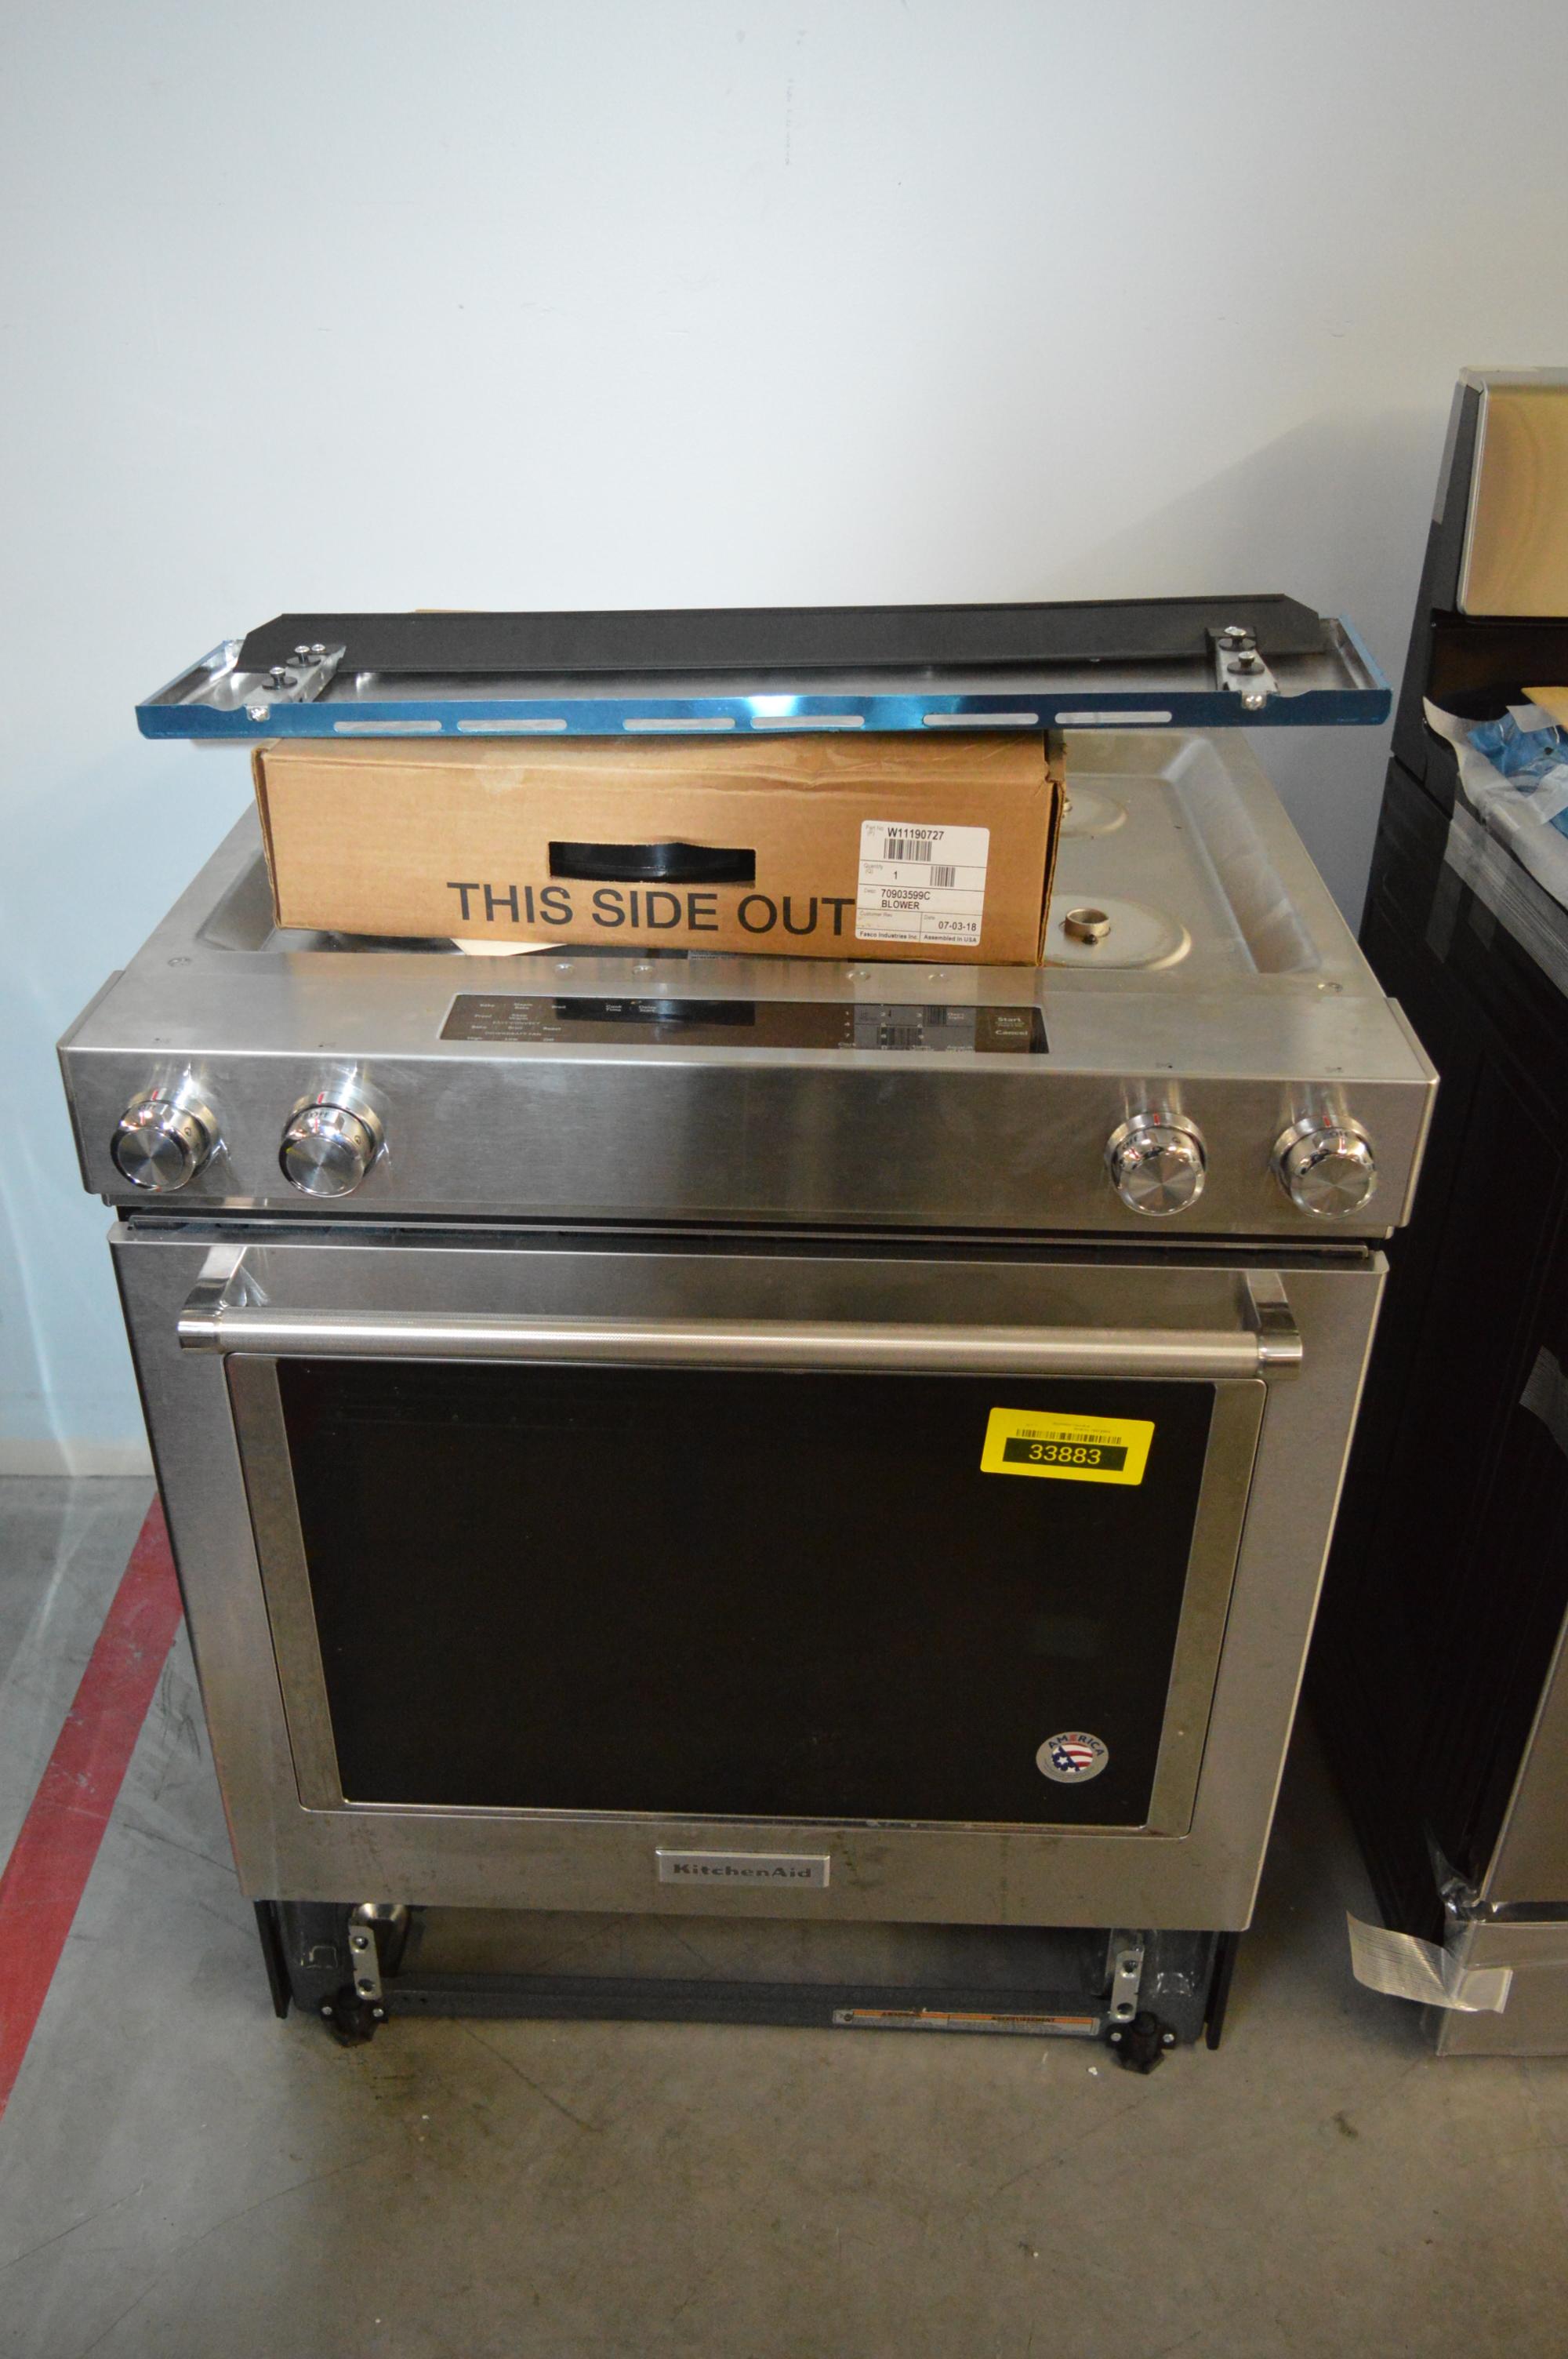 KitchenAid KSDG950ESS Dual-Fuel Range Stainless